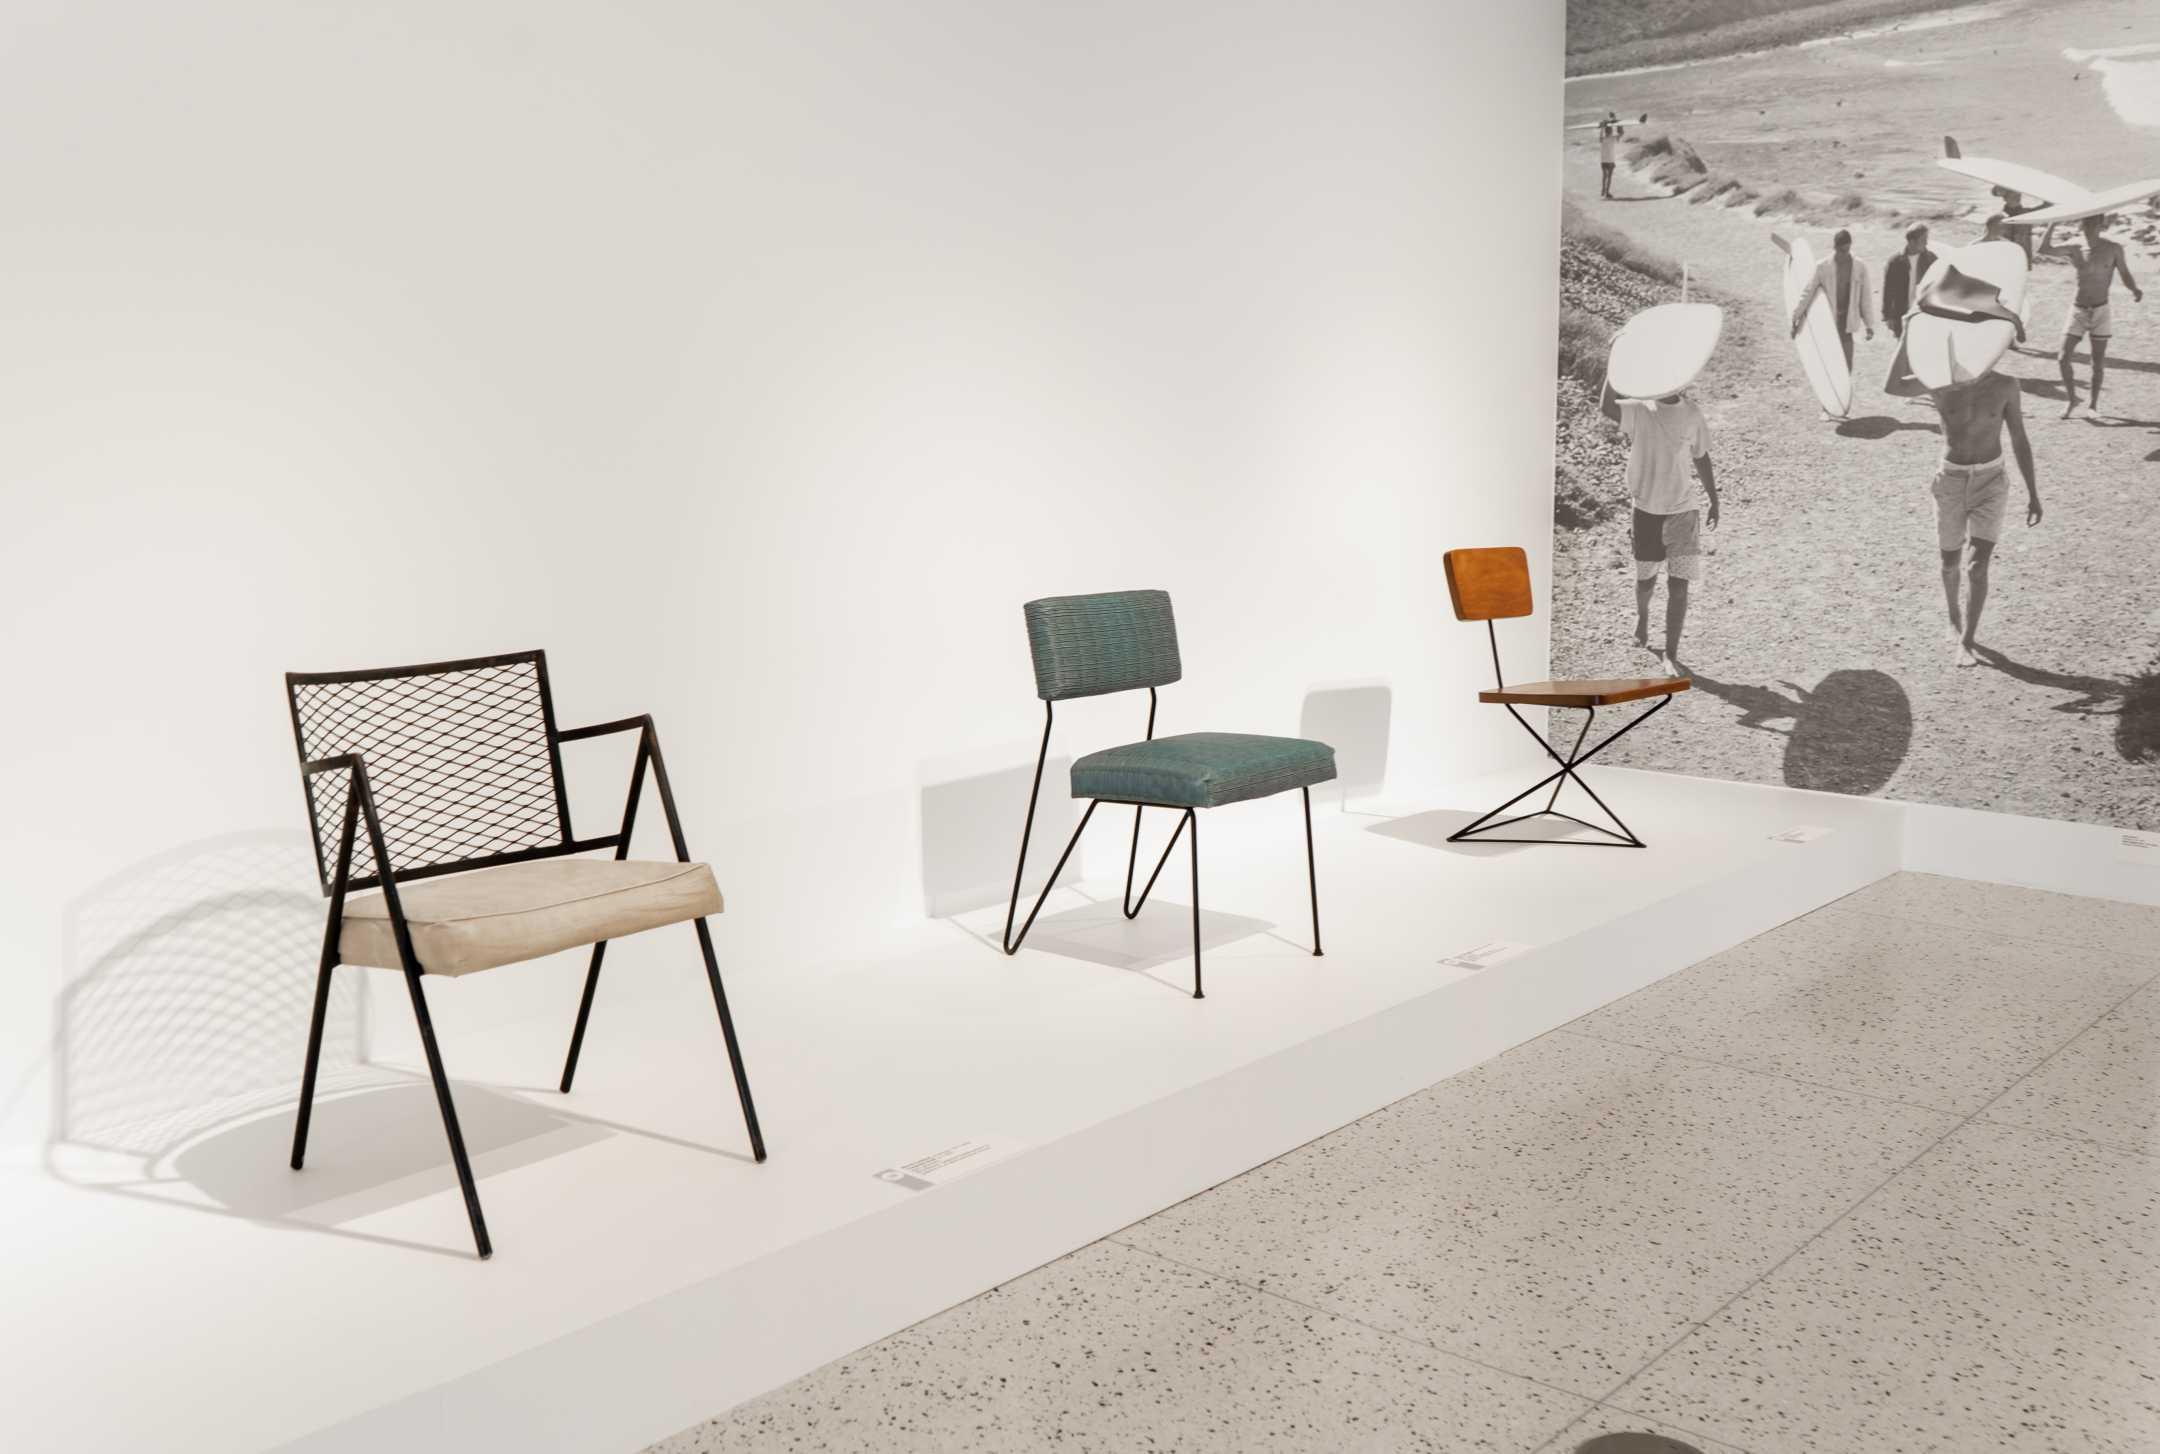 Modern Chair exhibition piece